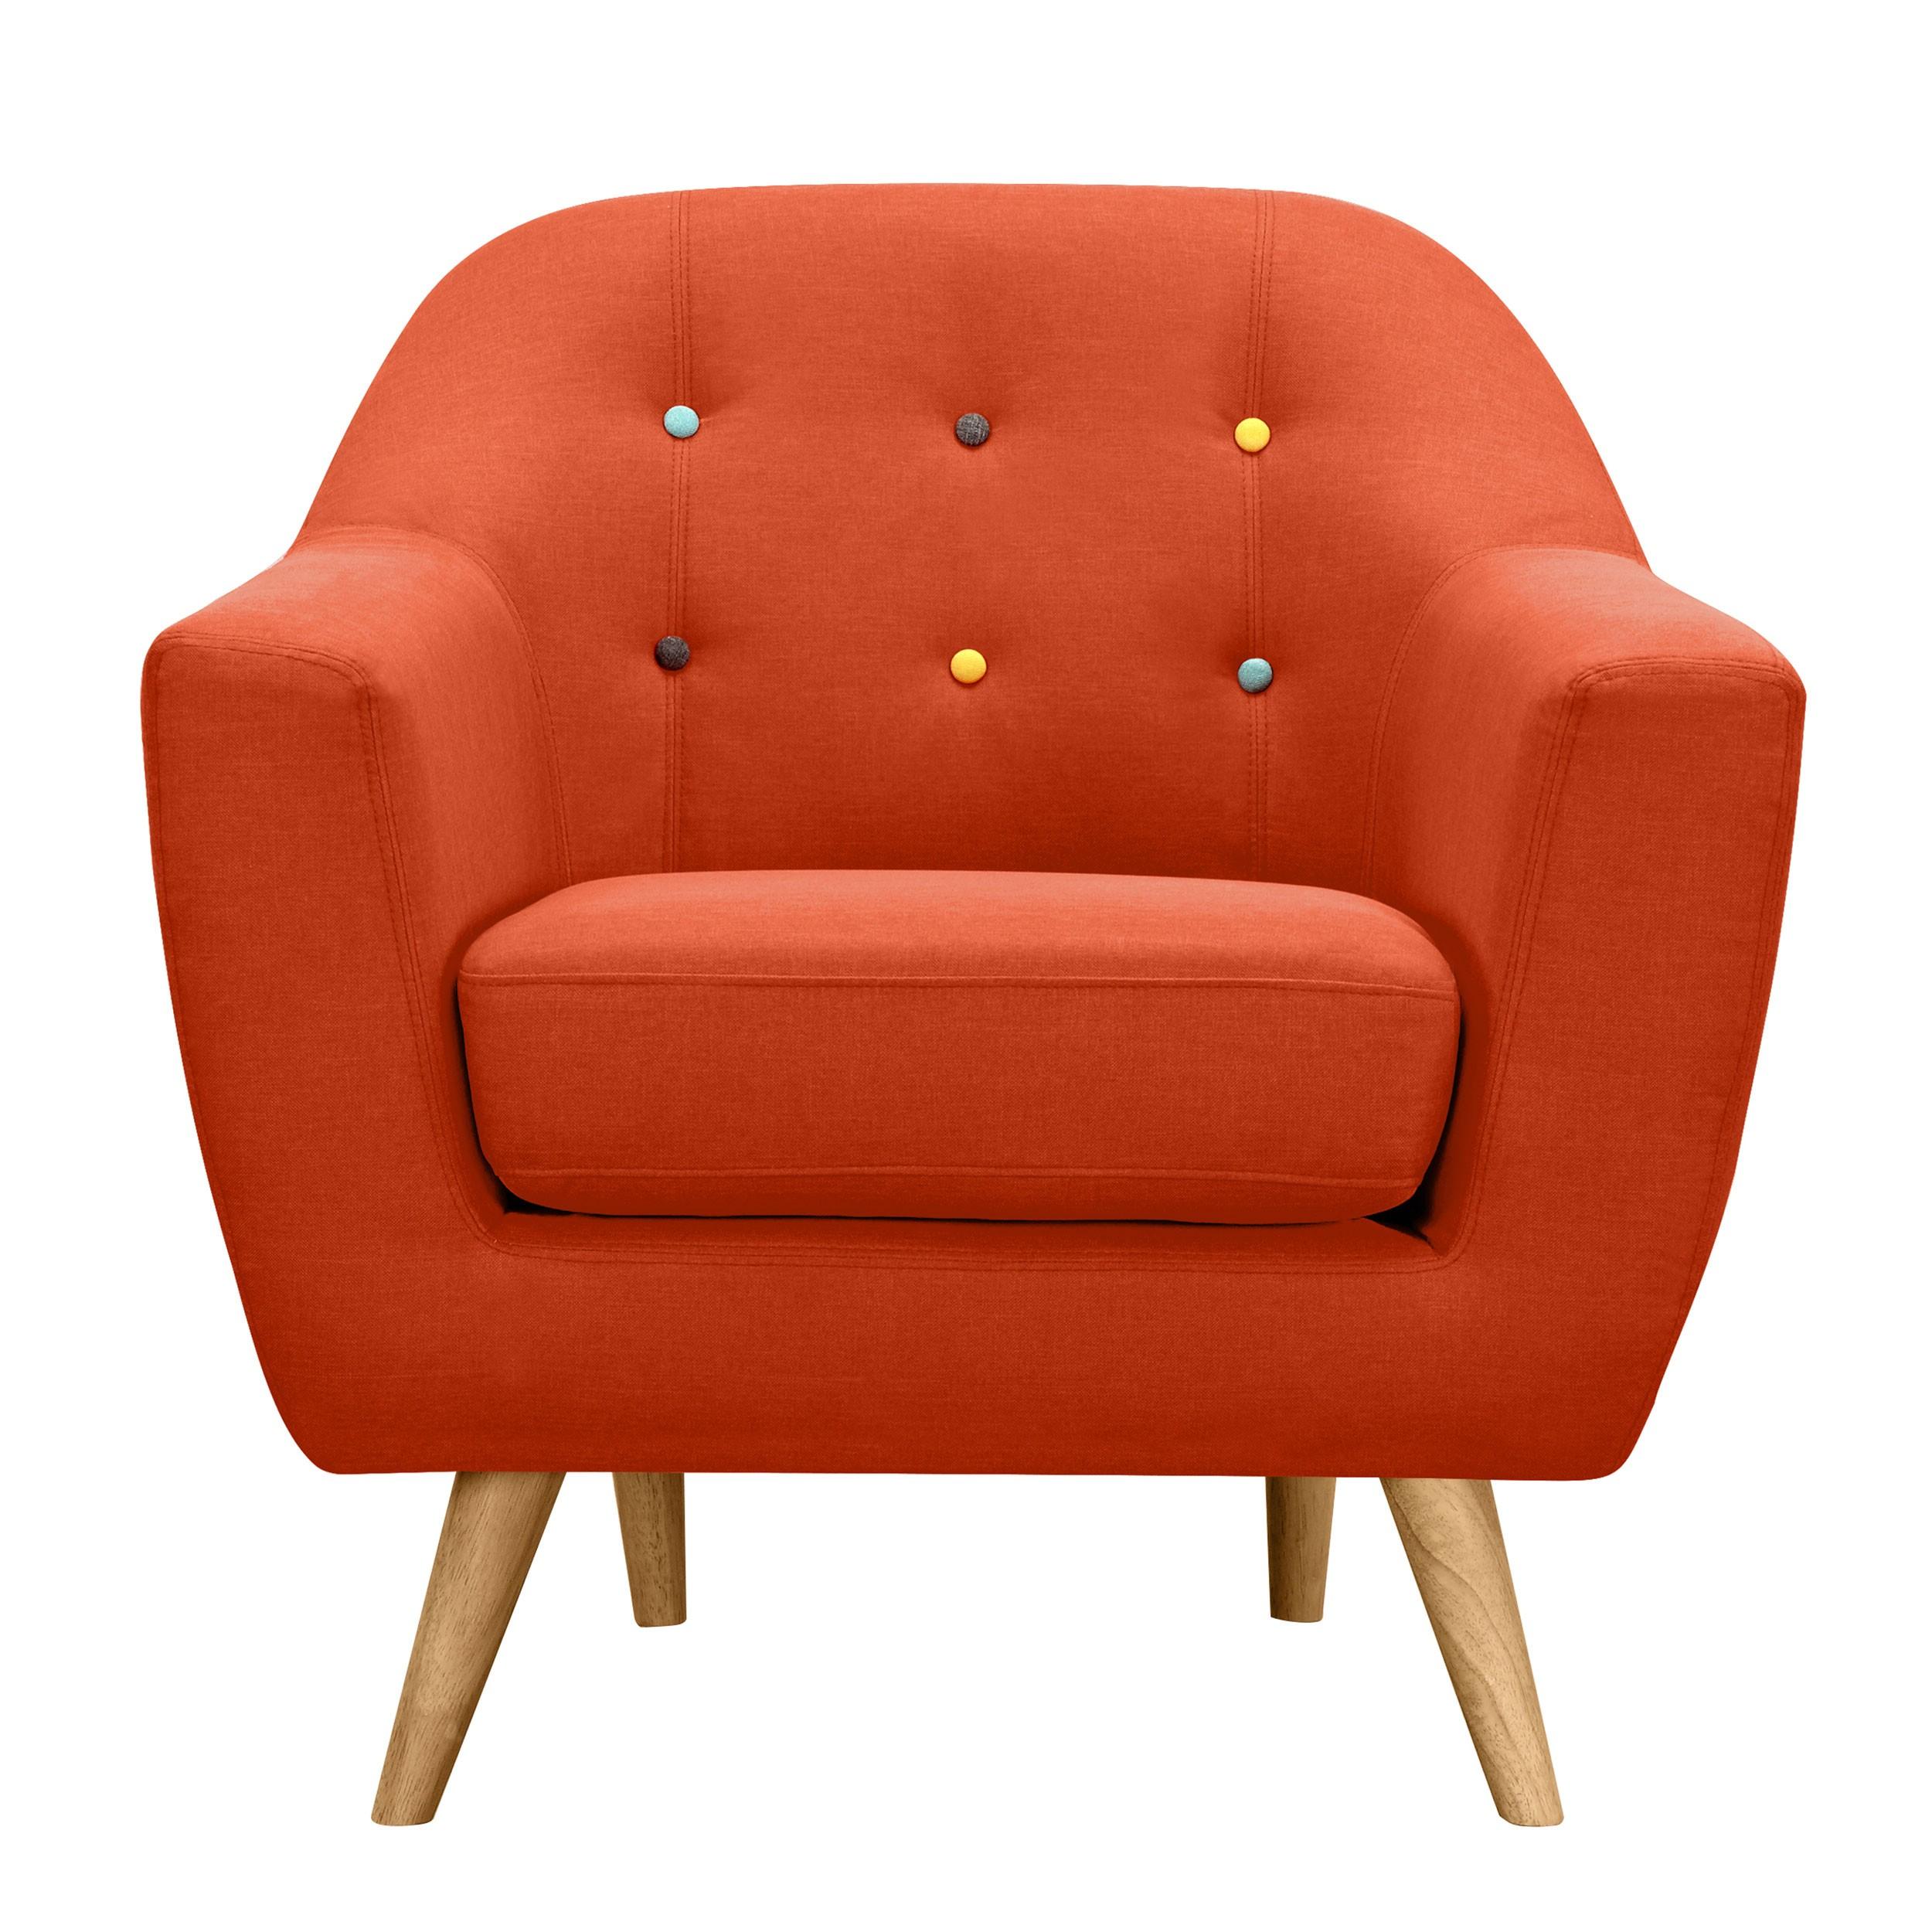 fauteuil rio orange d couvrez nos fauteuils rio orange prix d 39 usine rdv d co. Black Bedroom Furniture Sets. Home Design Ideas